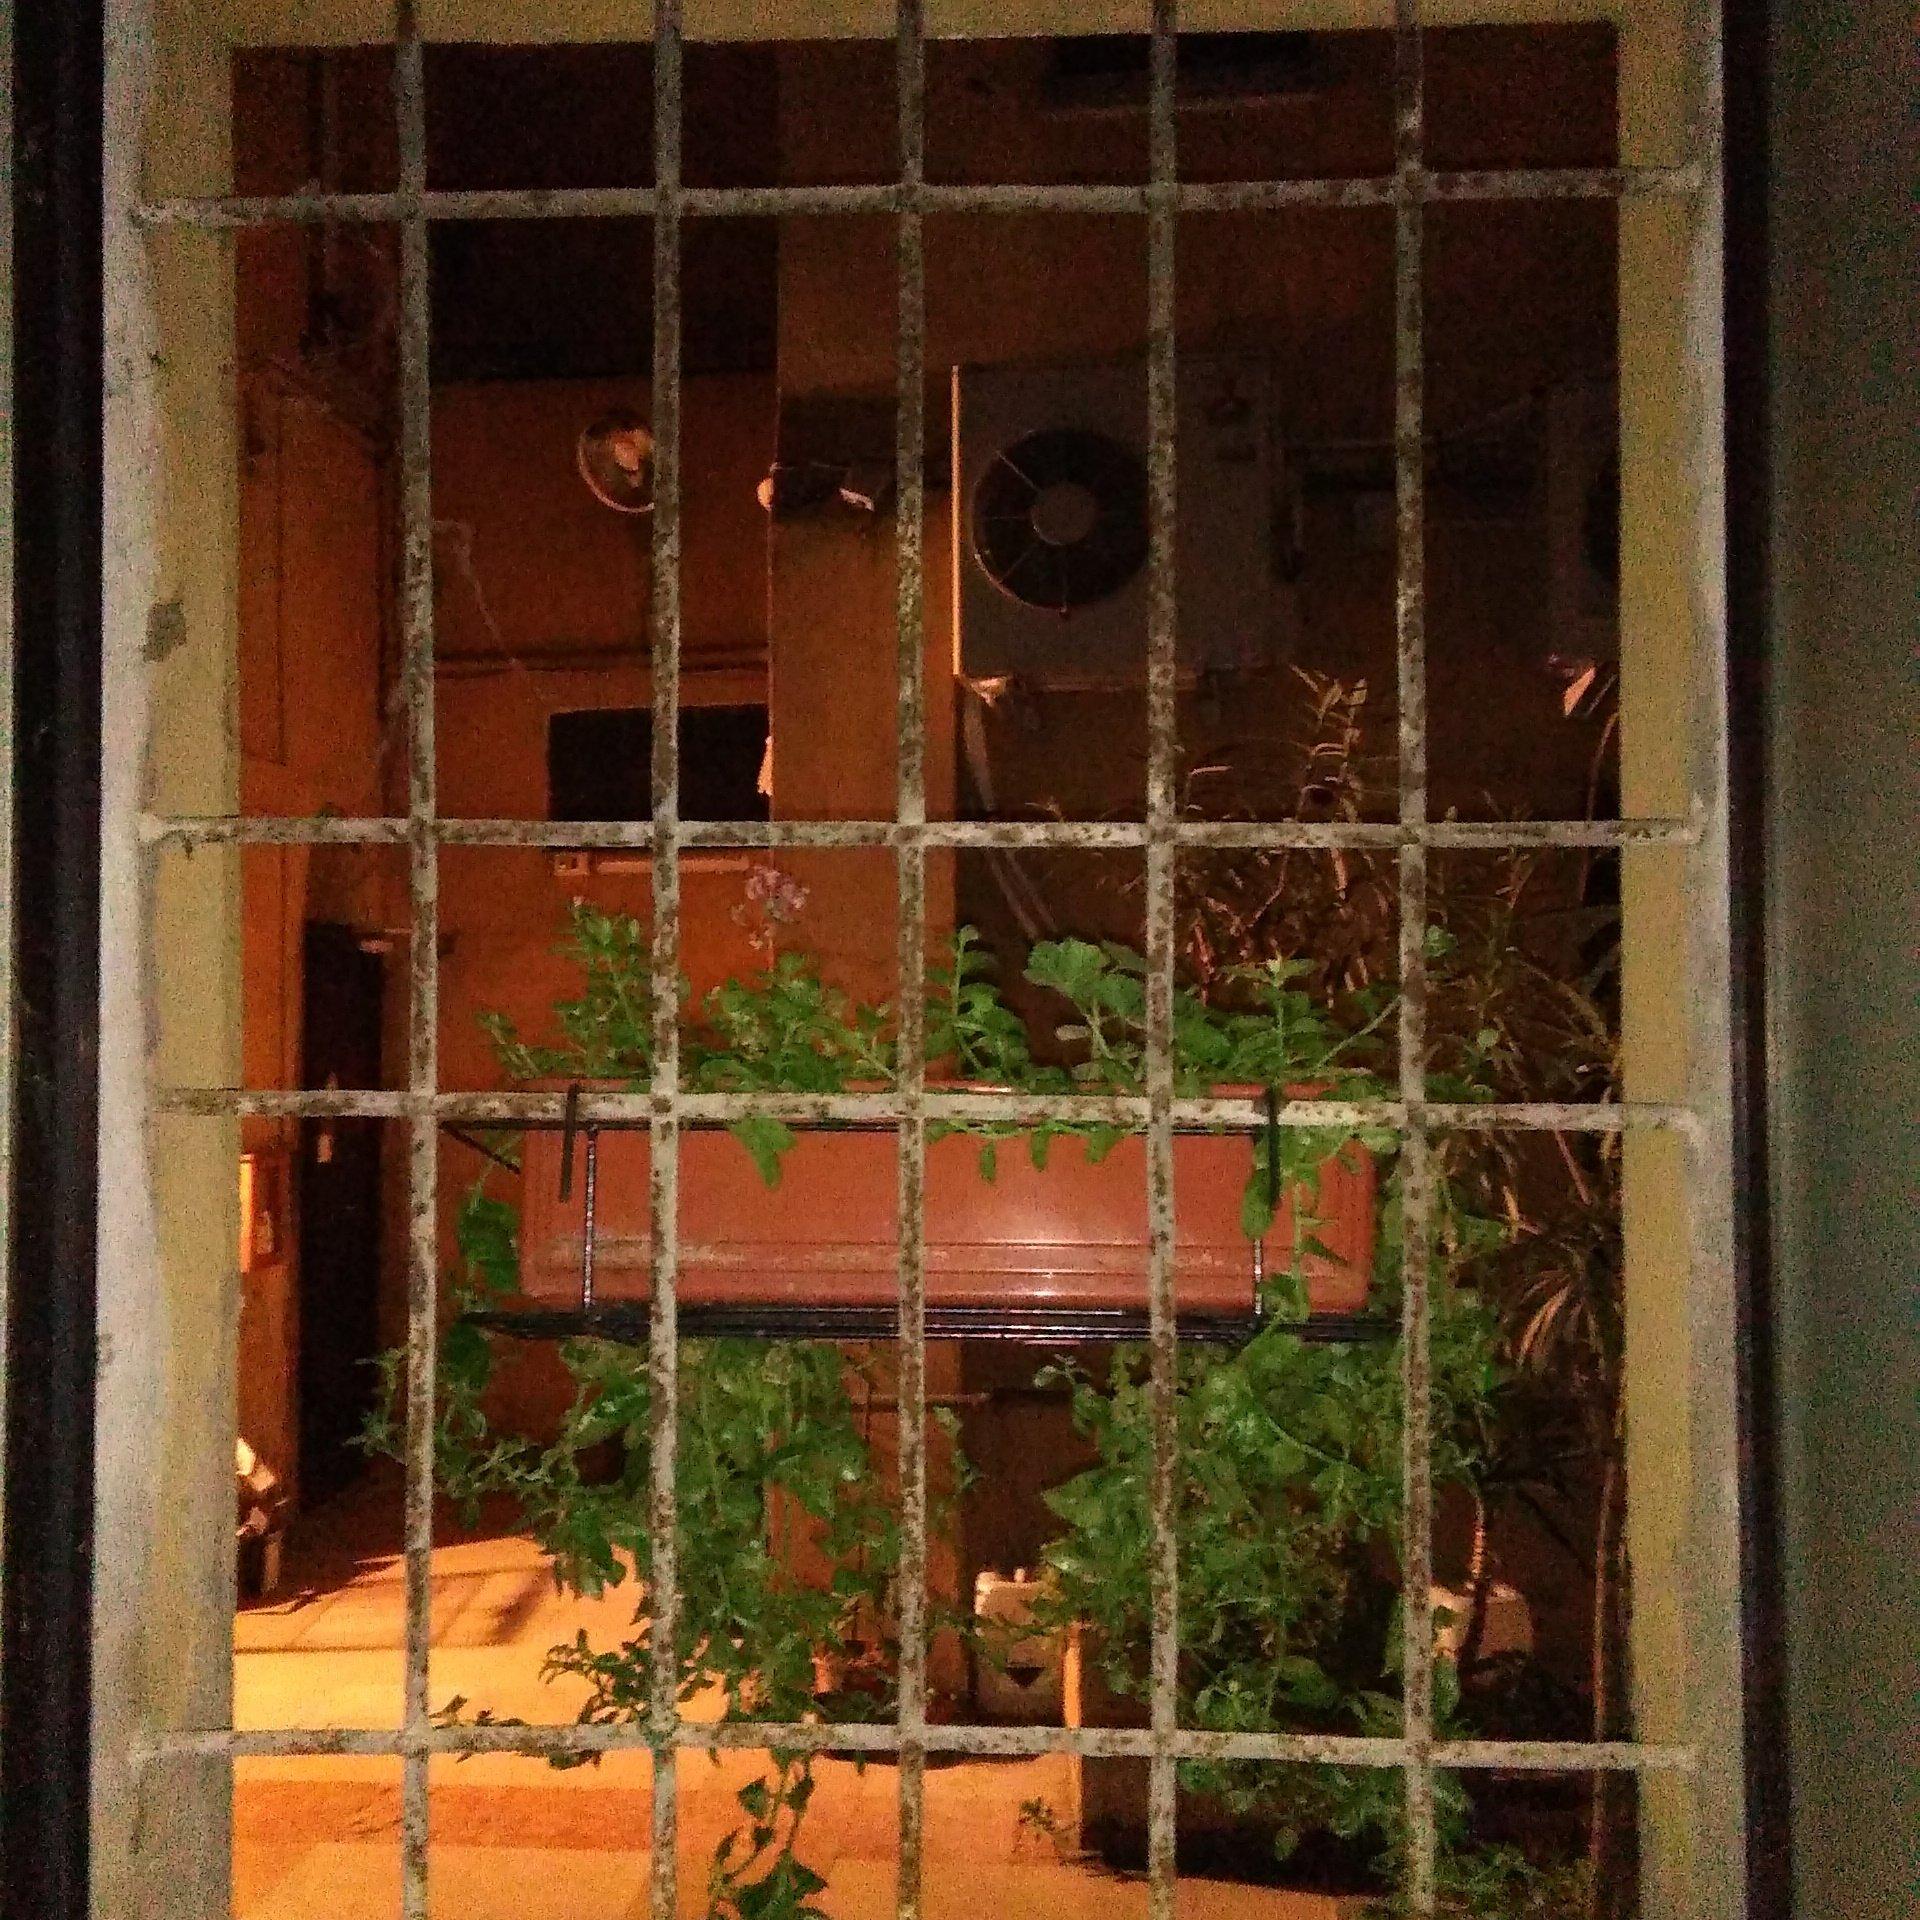 vista di una finestra con griglia in ferro